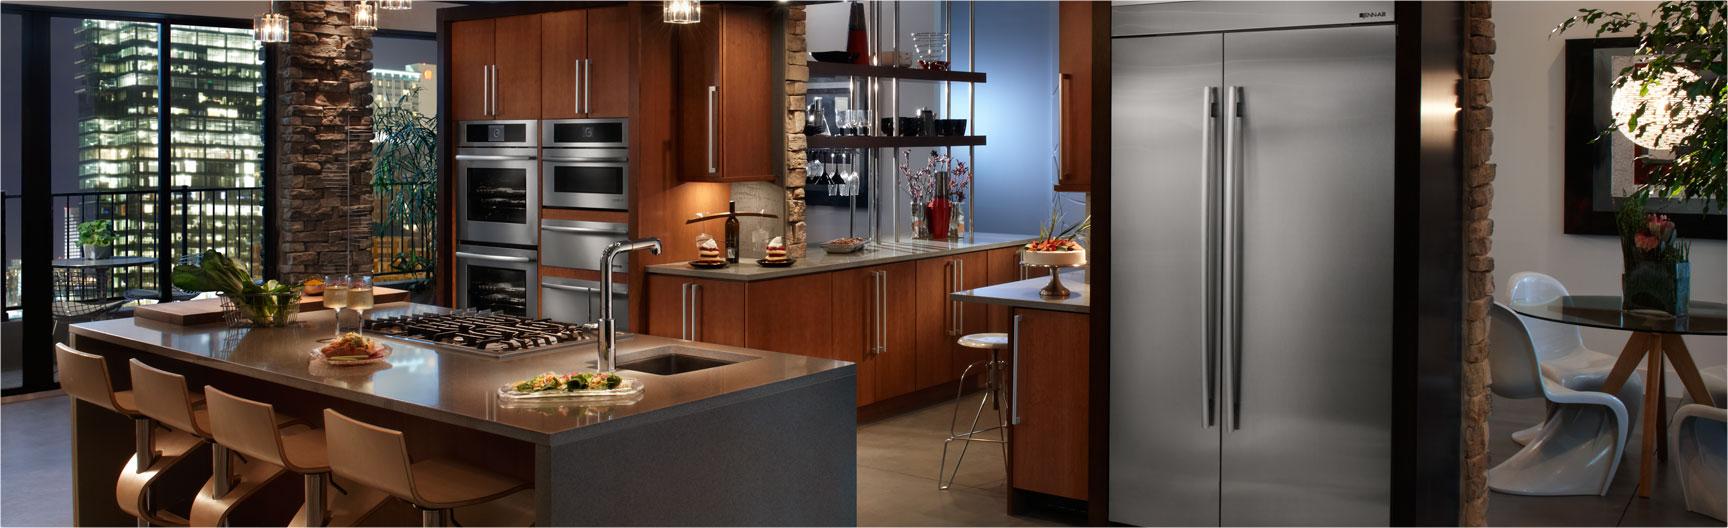 Jenn-Air Kitchen